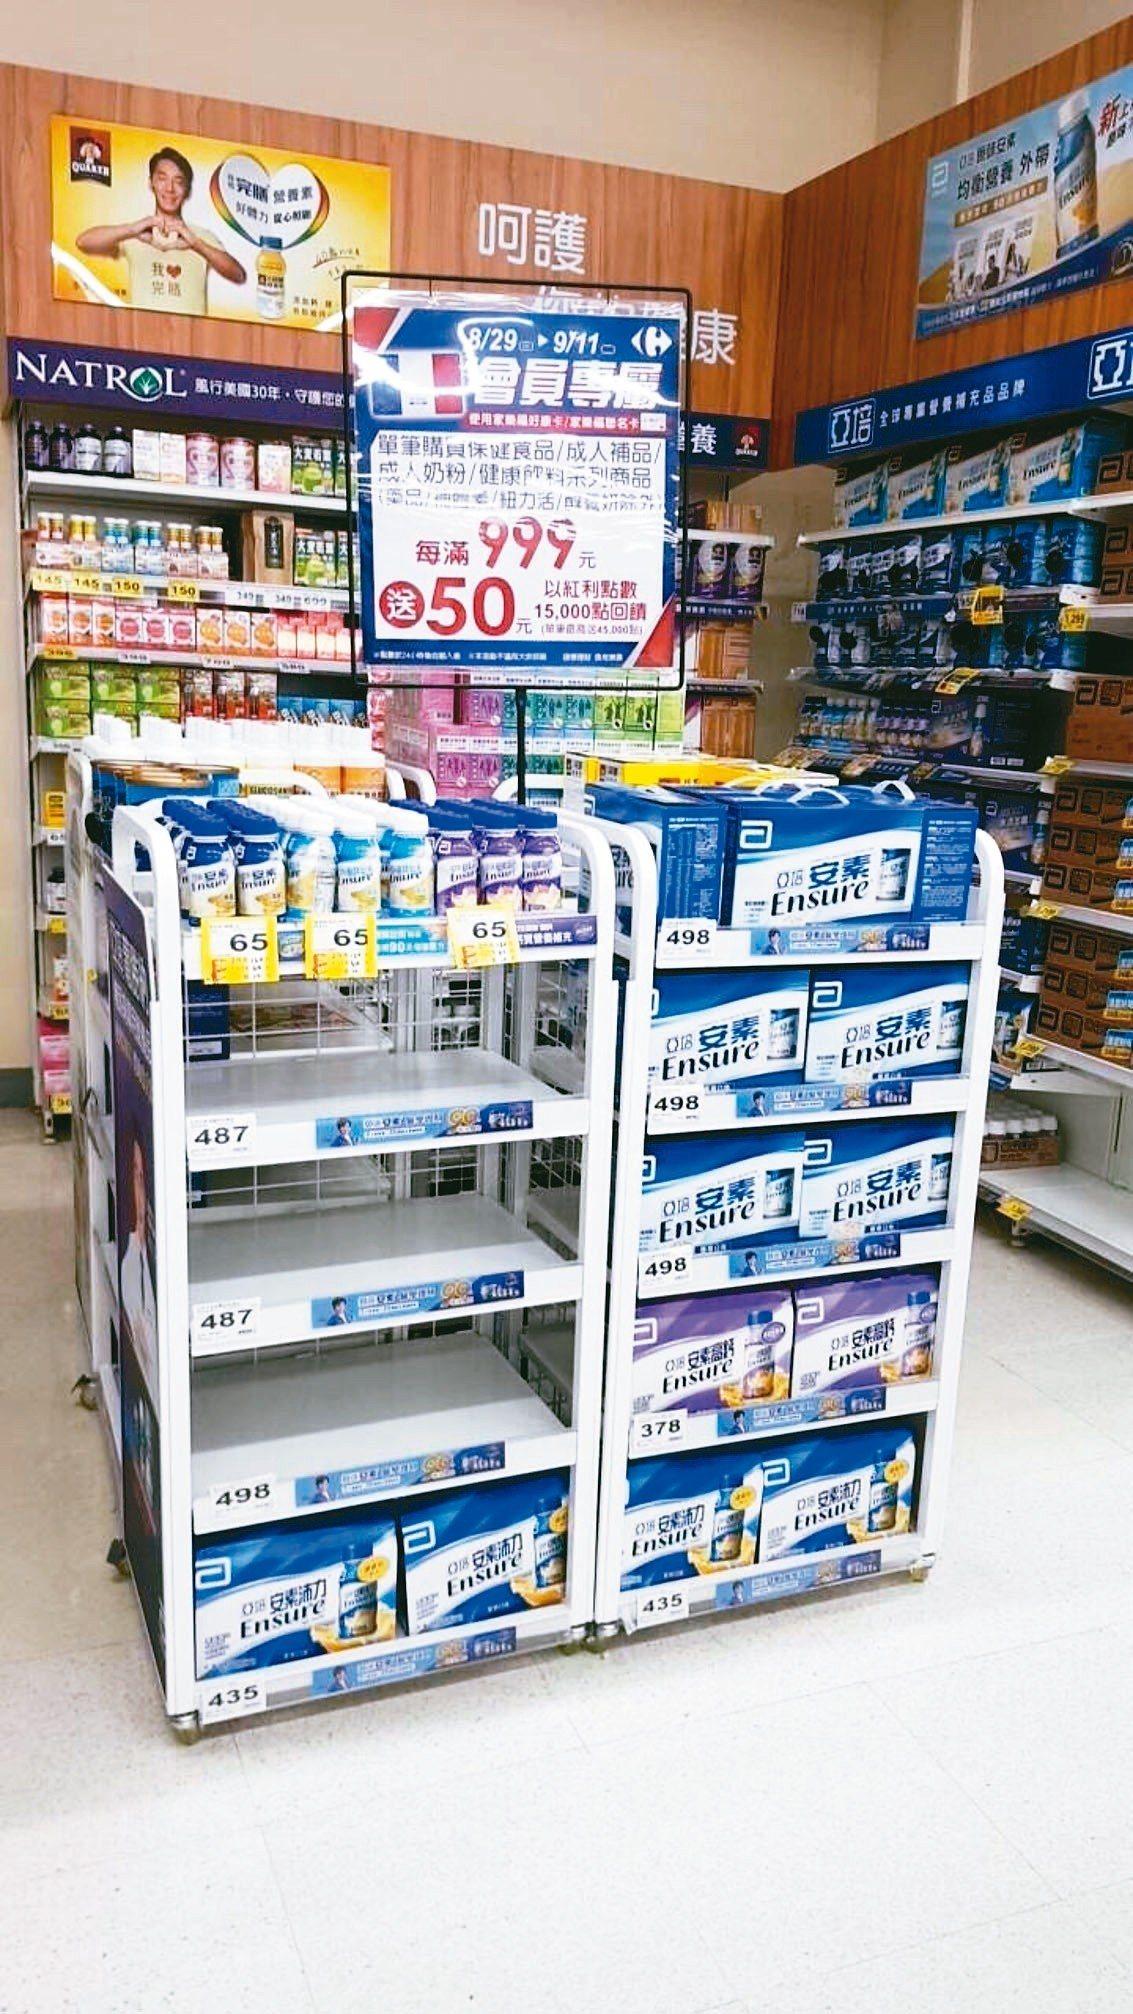 繼亞培安素6款鐵罐產品爆發臭酸、結塊事件,近日再傳2款塑膠瓶裝產品也有結塊問題。...